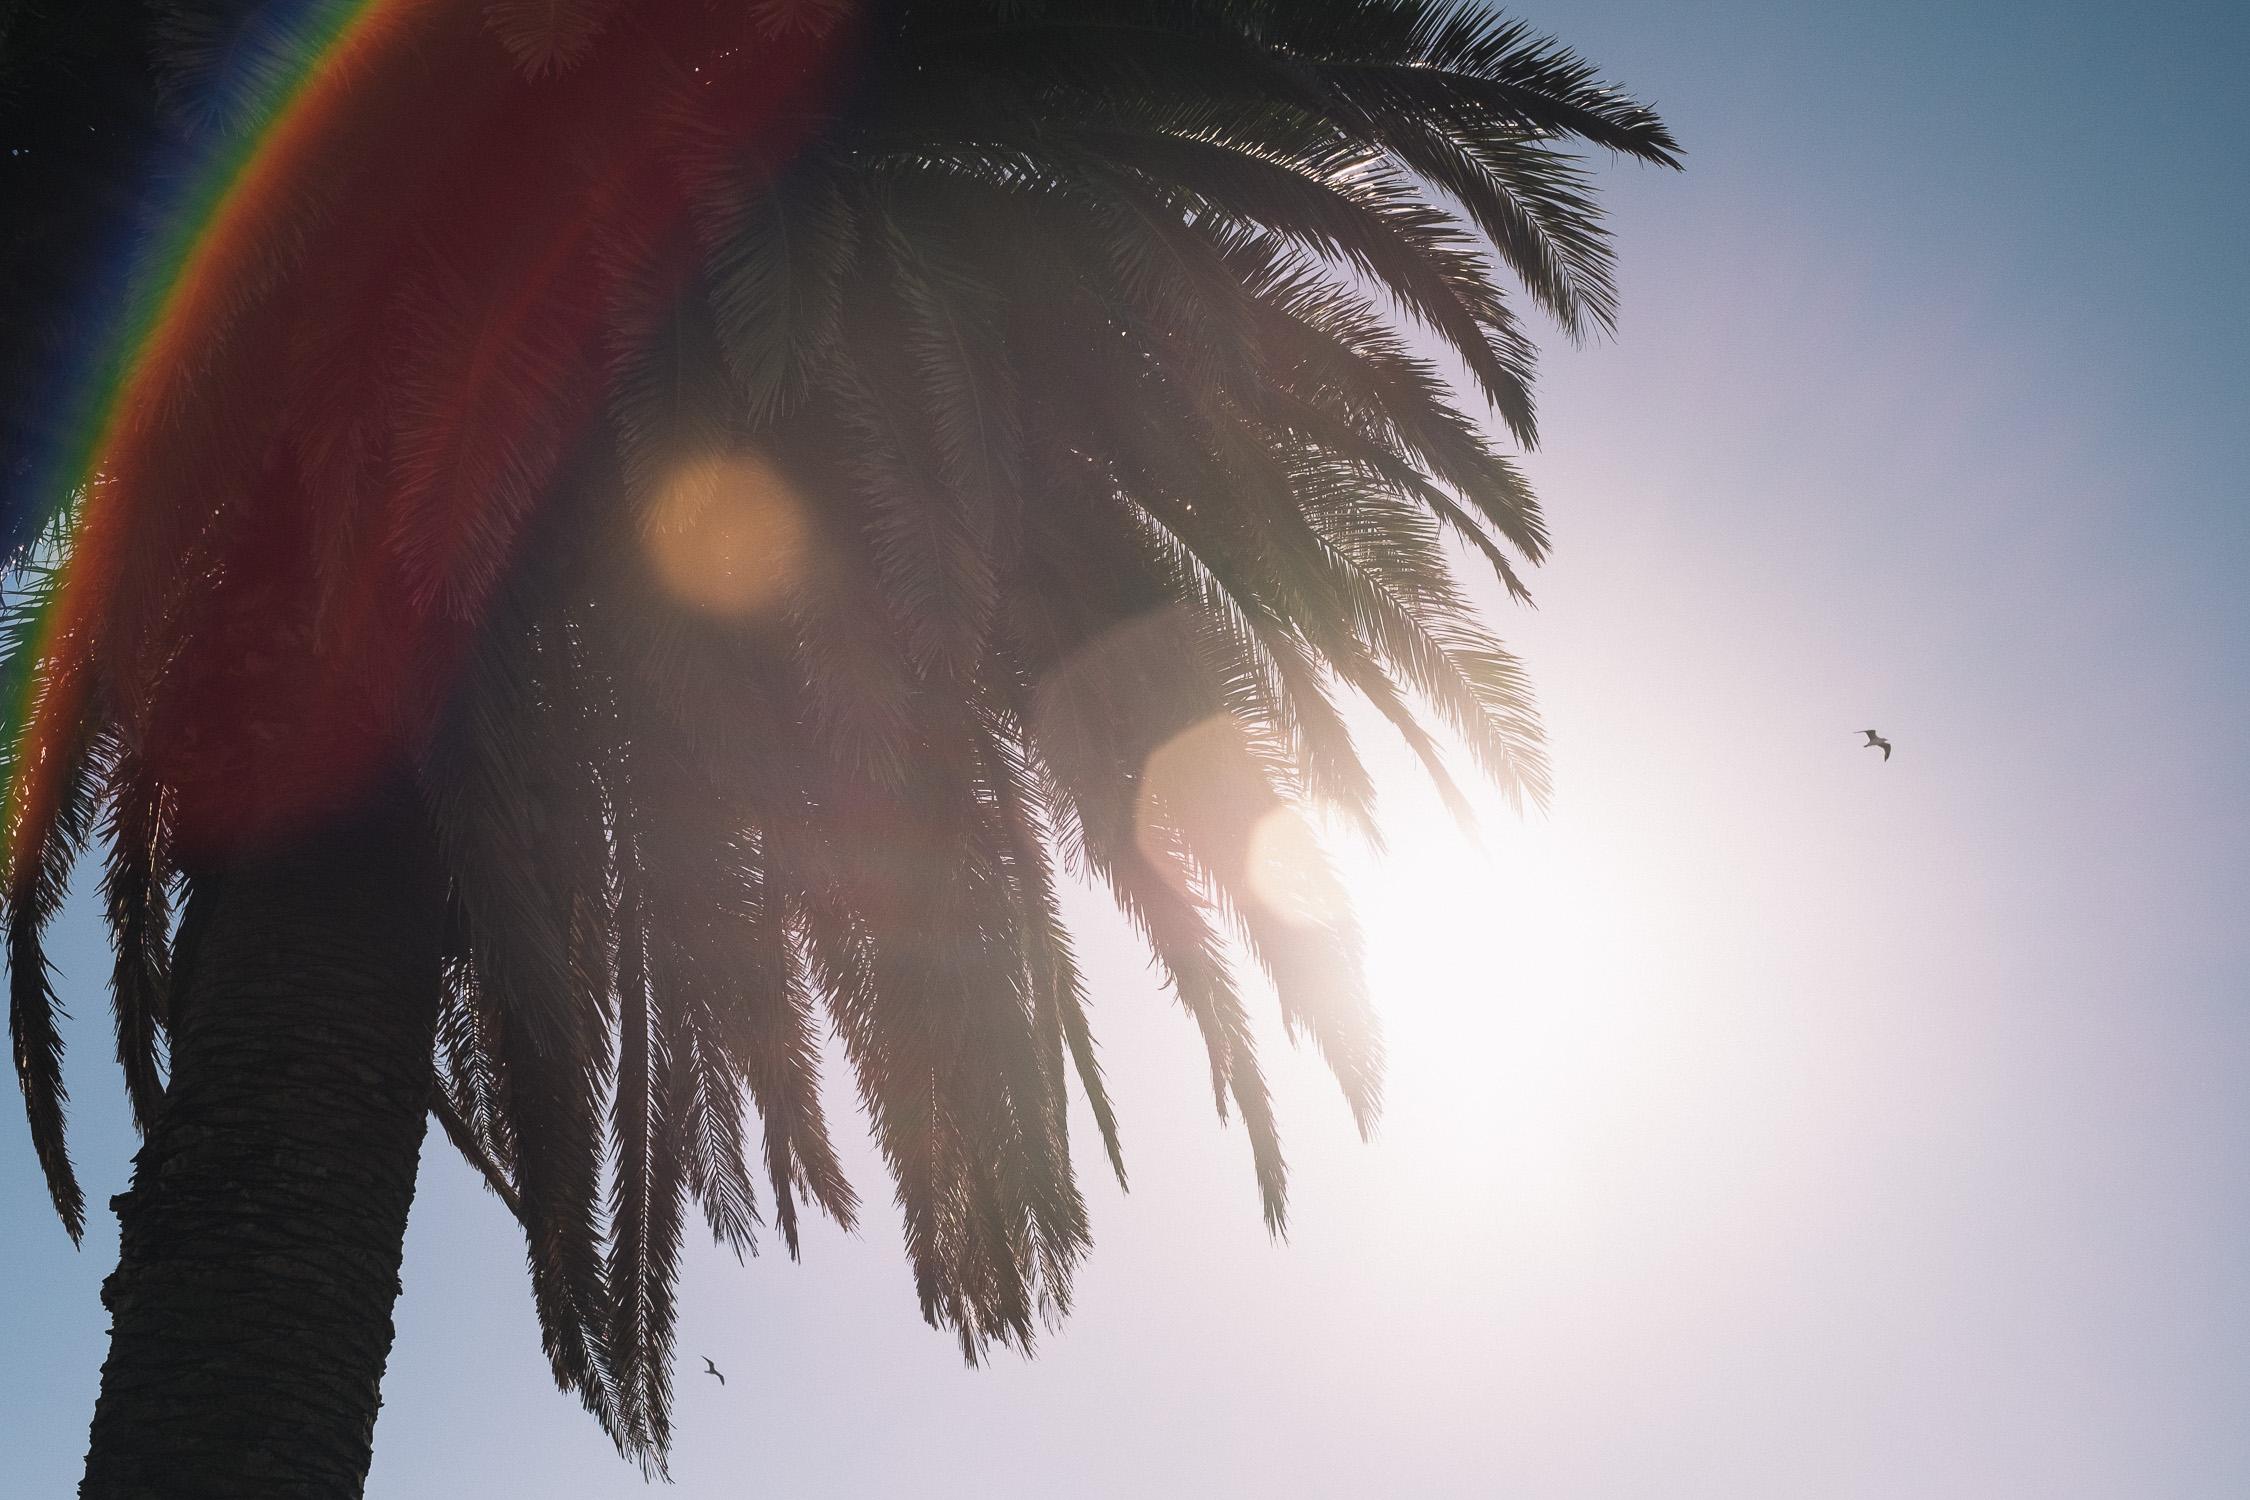 Carina Sze Lau - Life Session - palm trees in St Kilda Melbourne